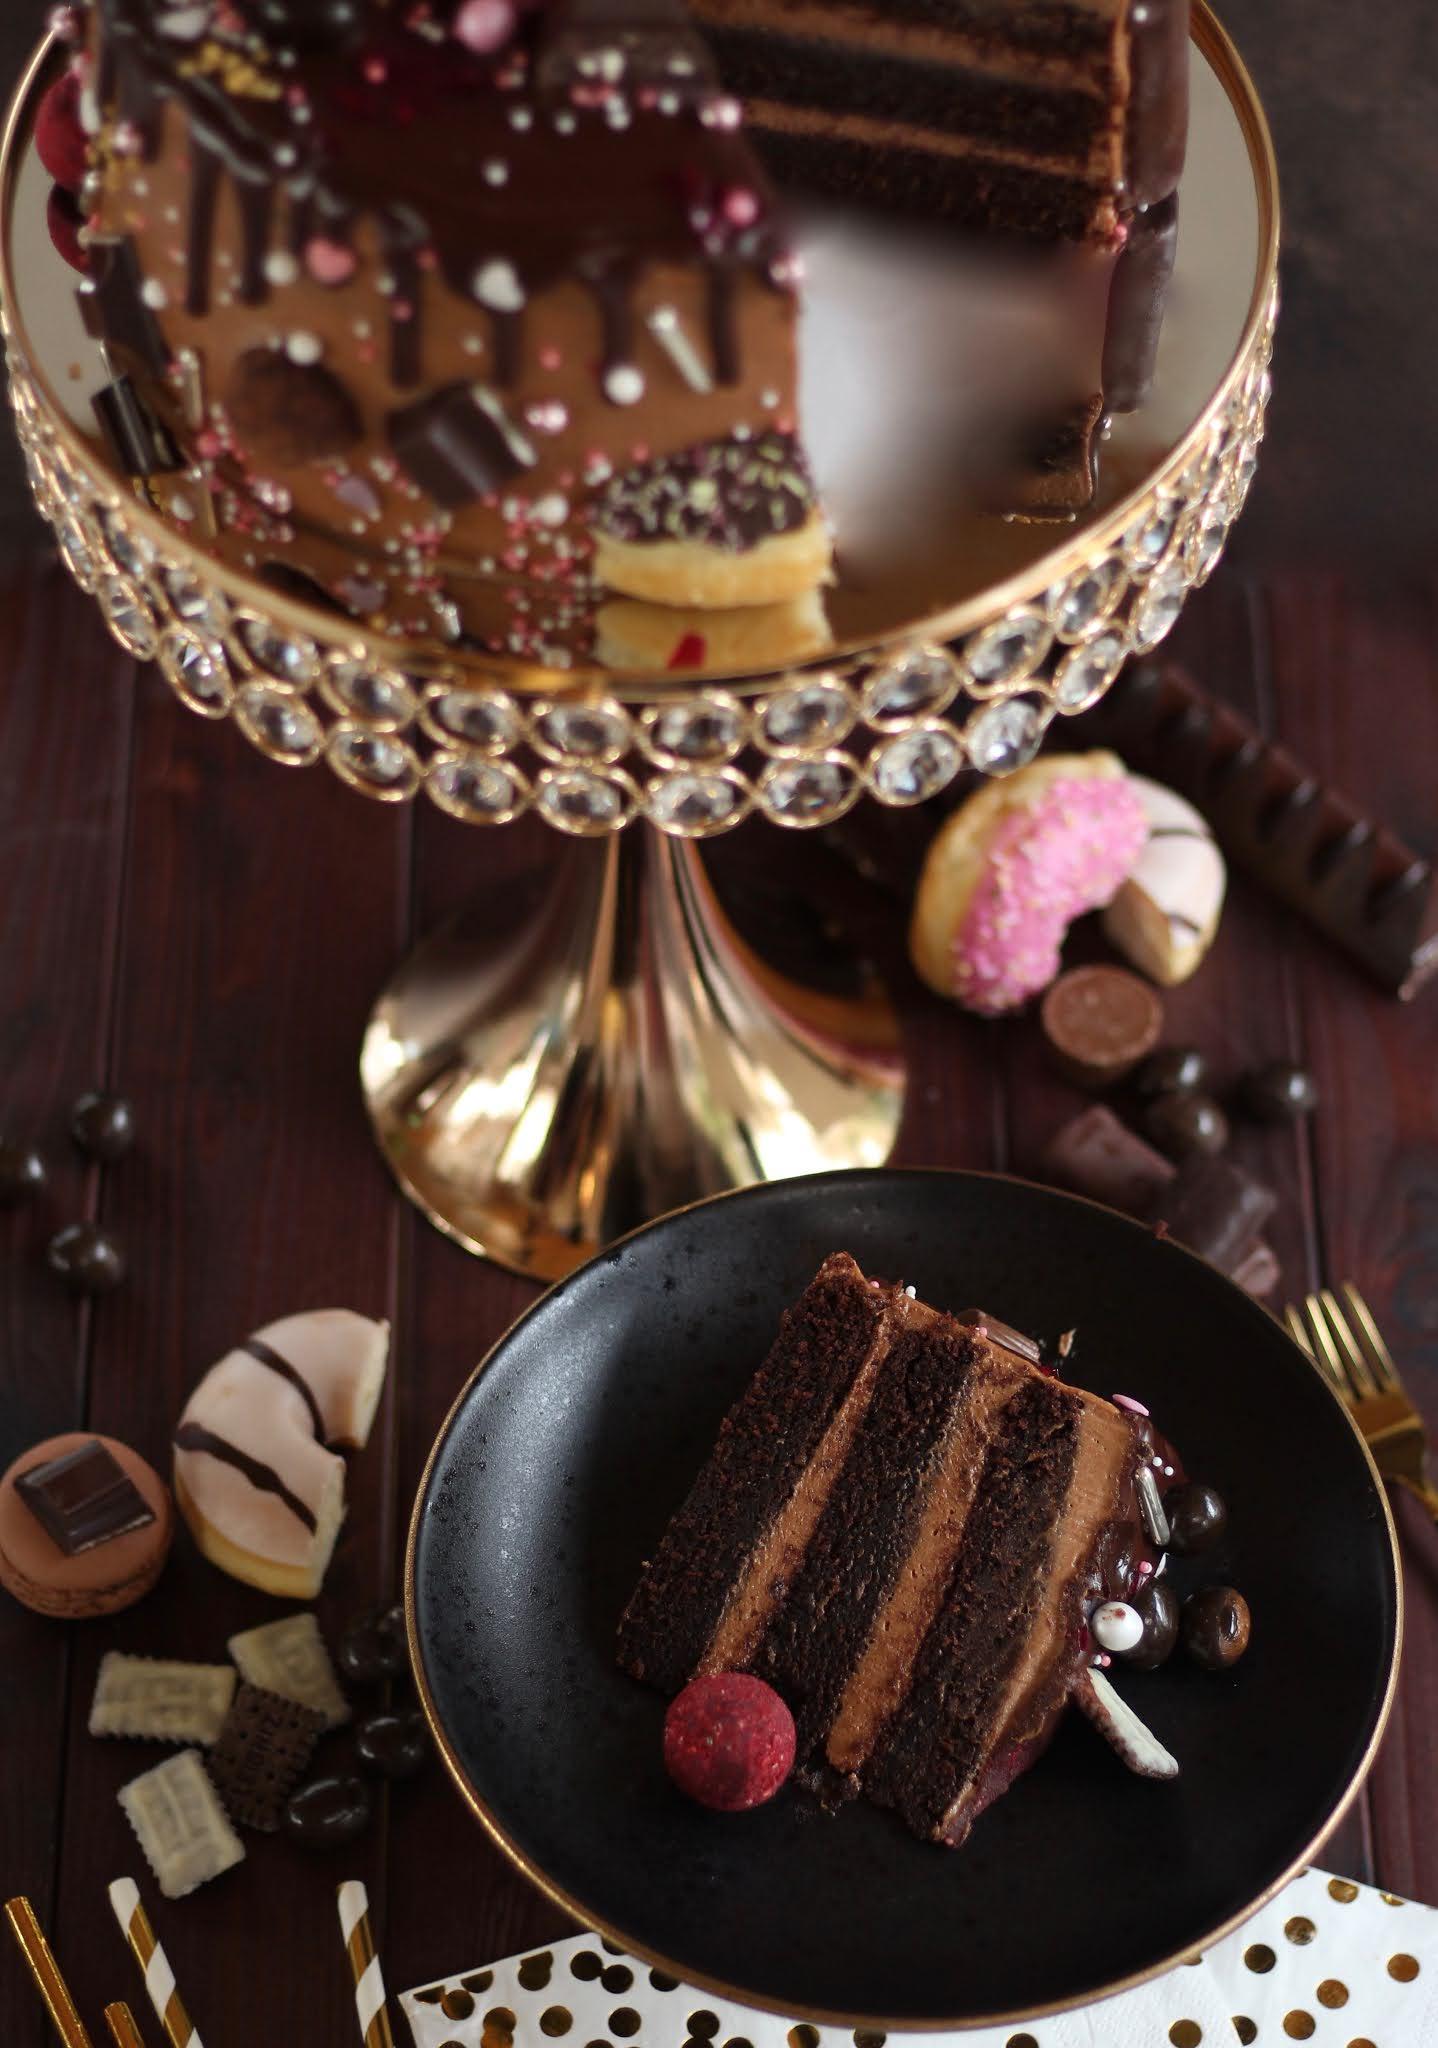 Unglaubliche Schoko-Nutella-Torte mit Drip und Donuts / Best Chocolate Drip Cake | Rezept und Video von Sugarprincess